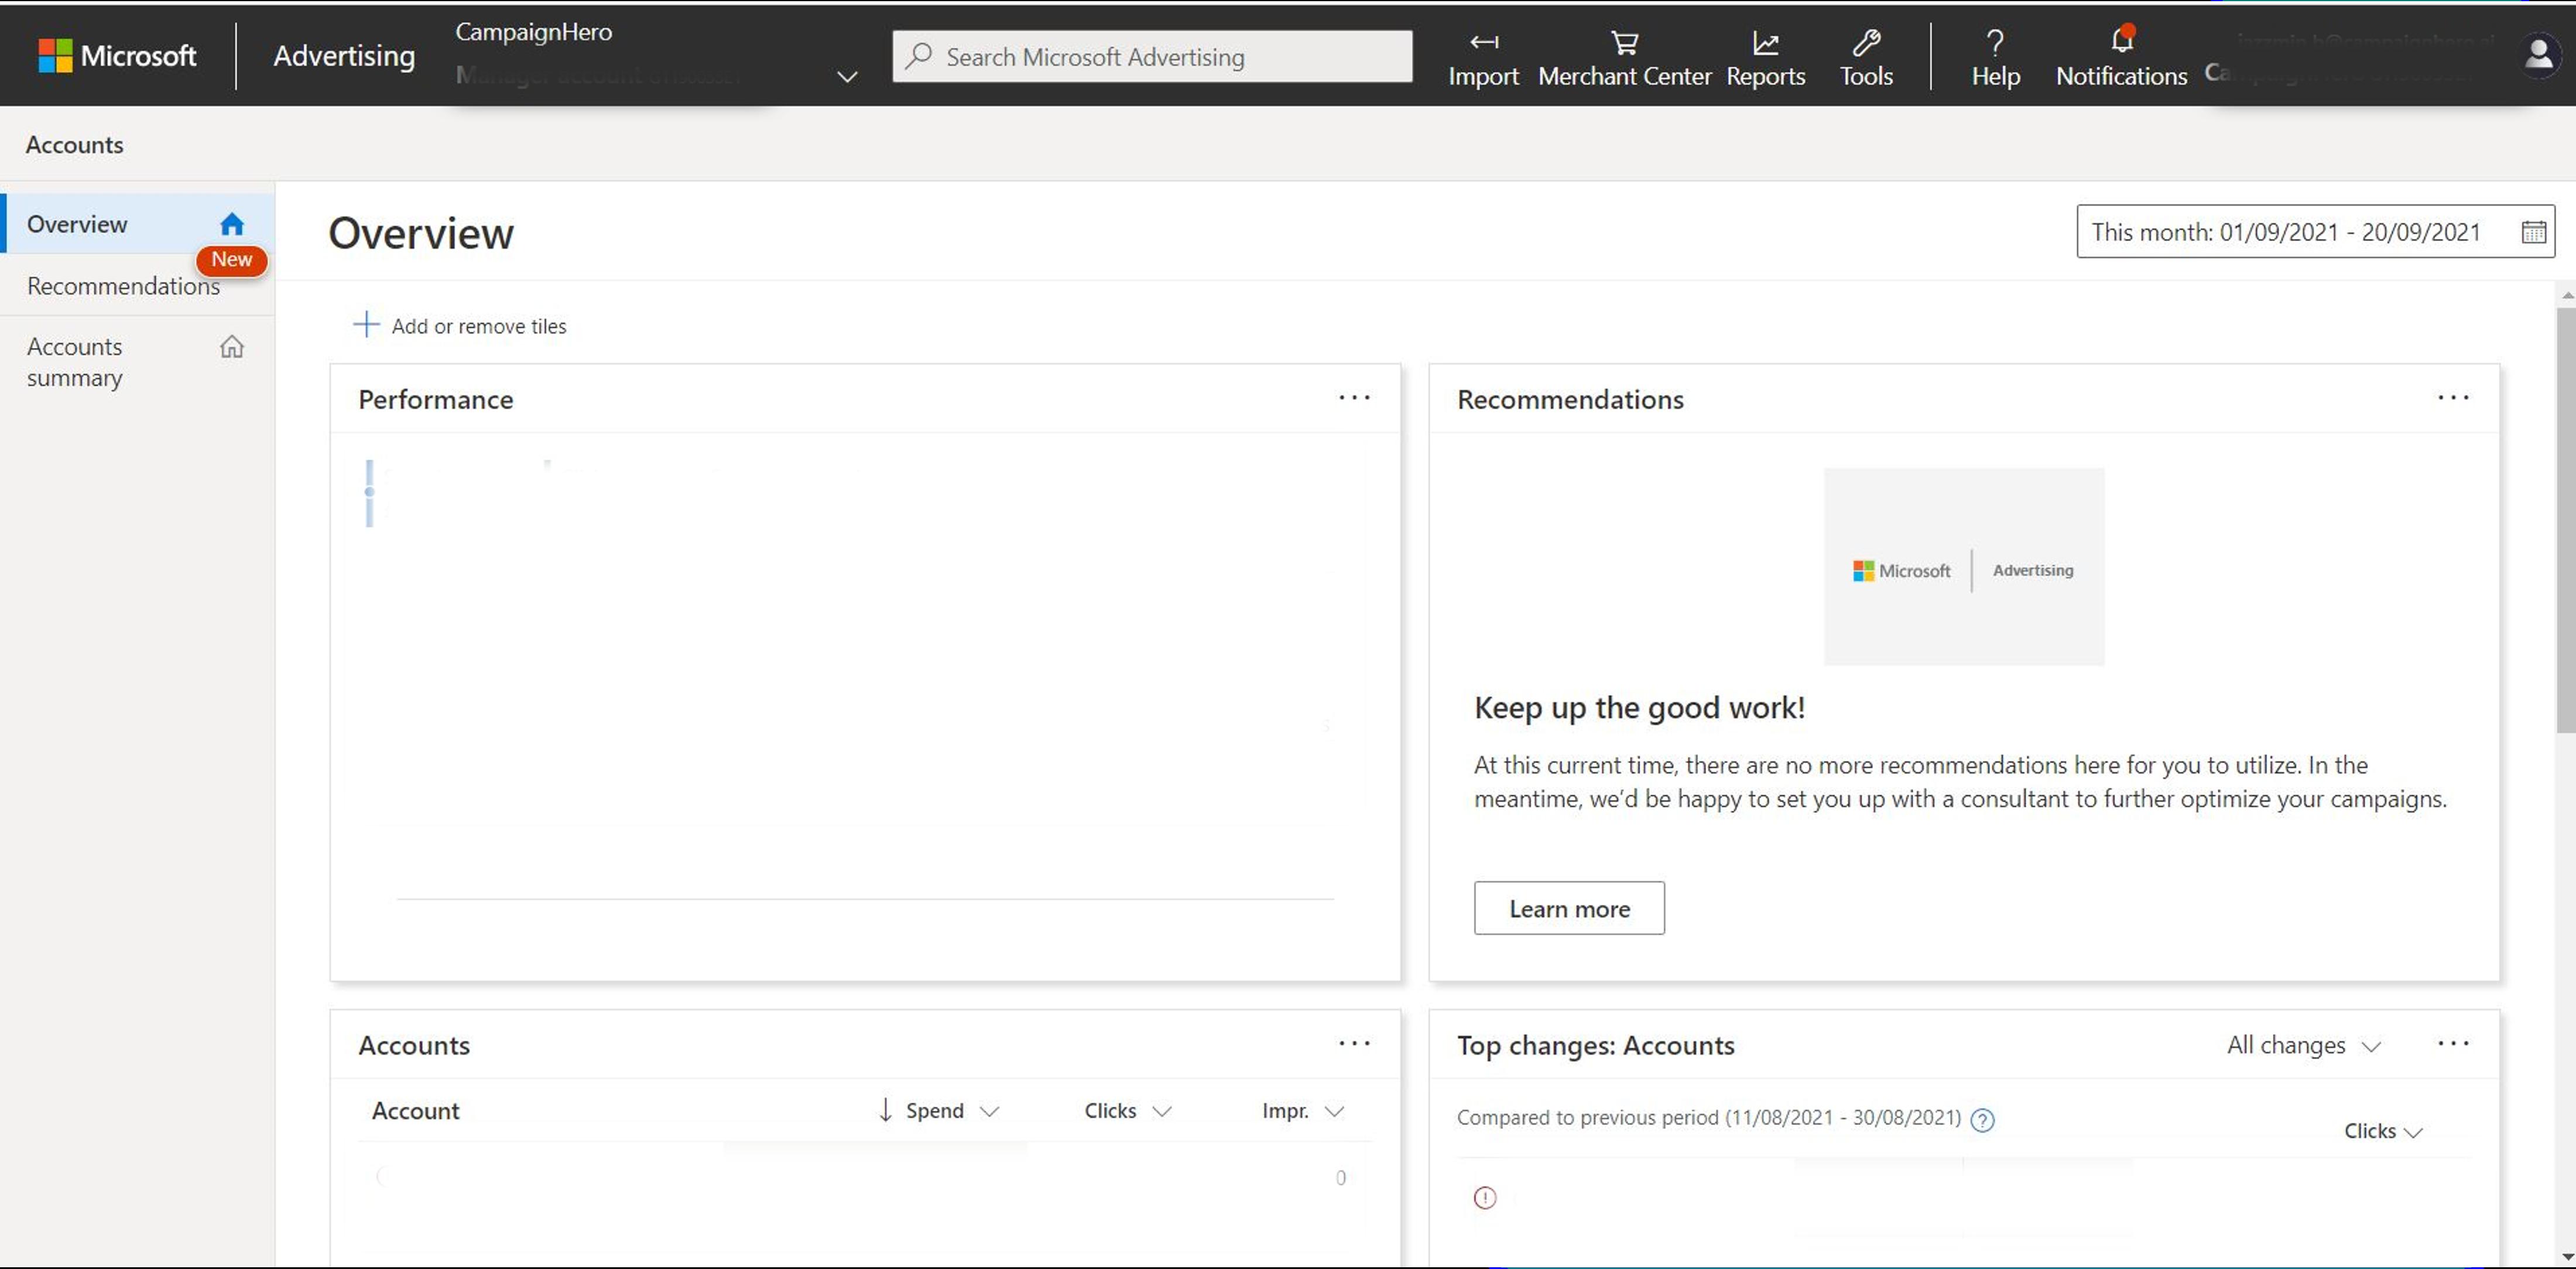 Microsoft Advertising Platform Interface